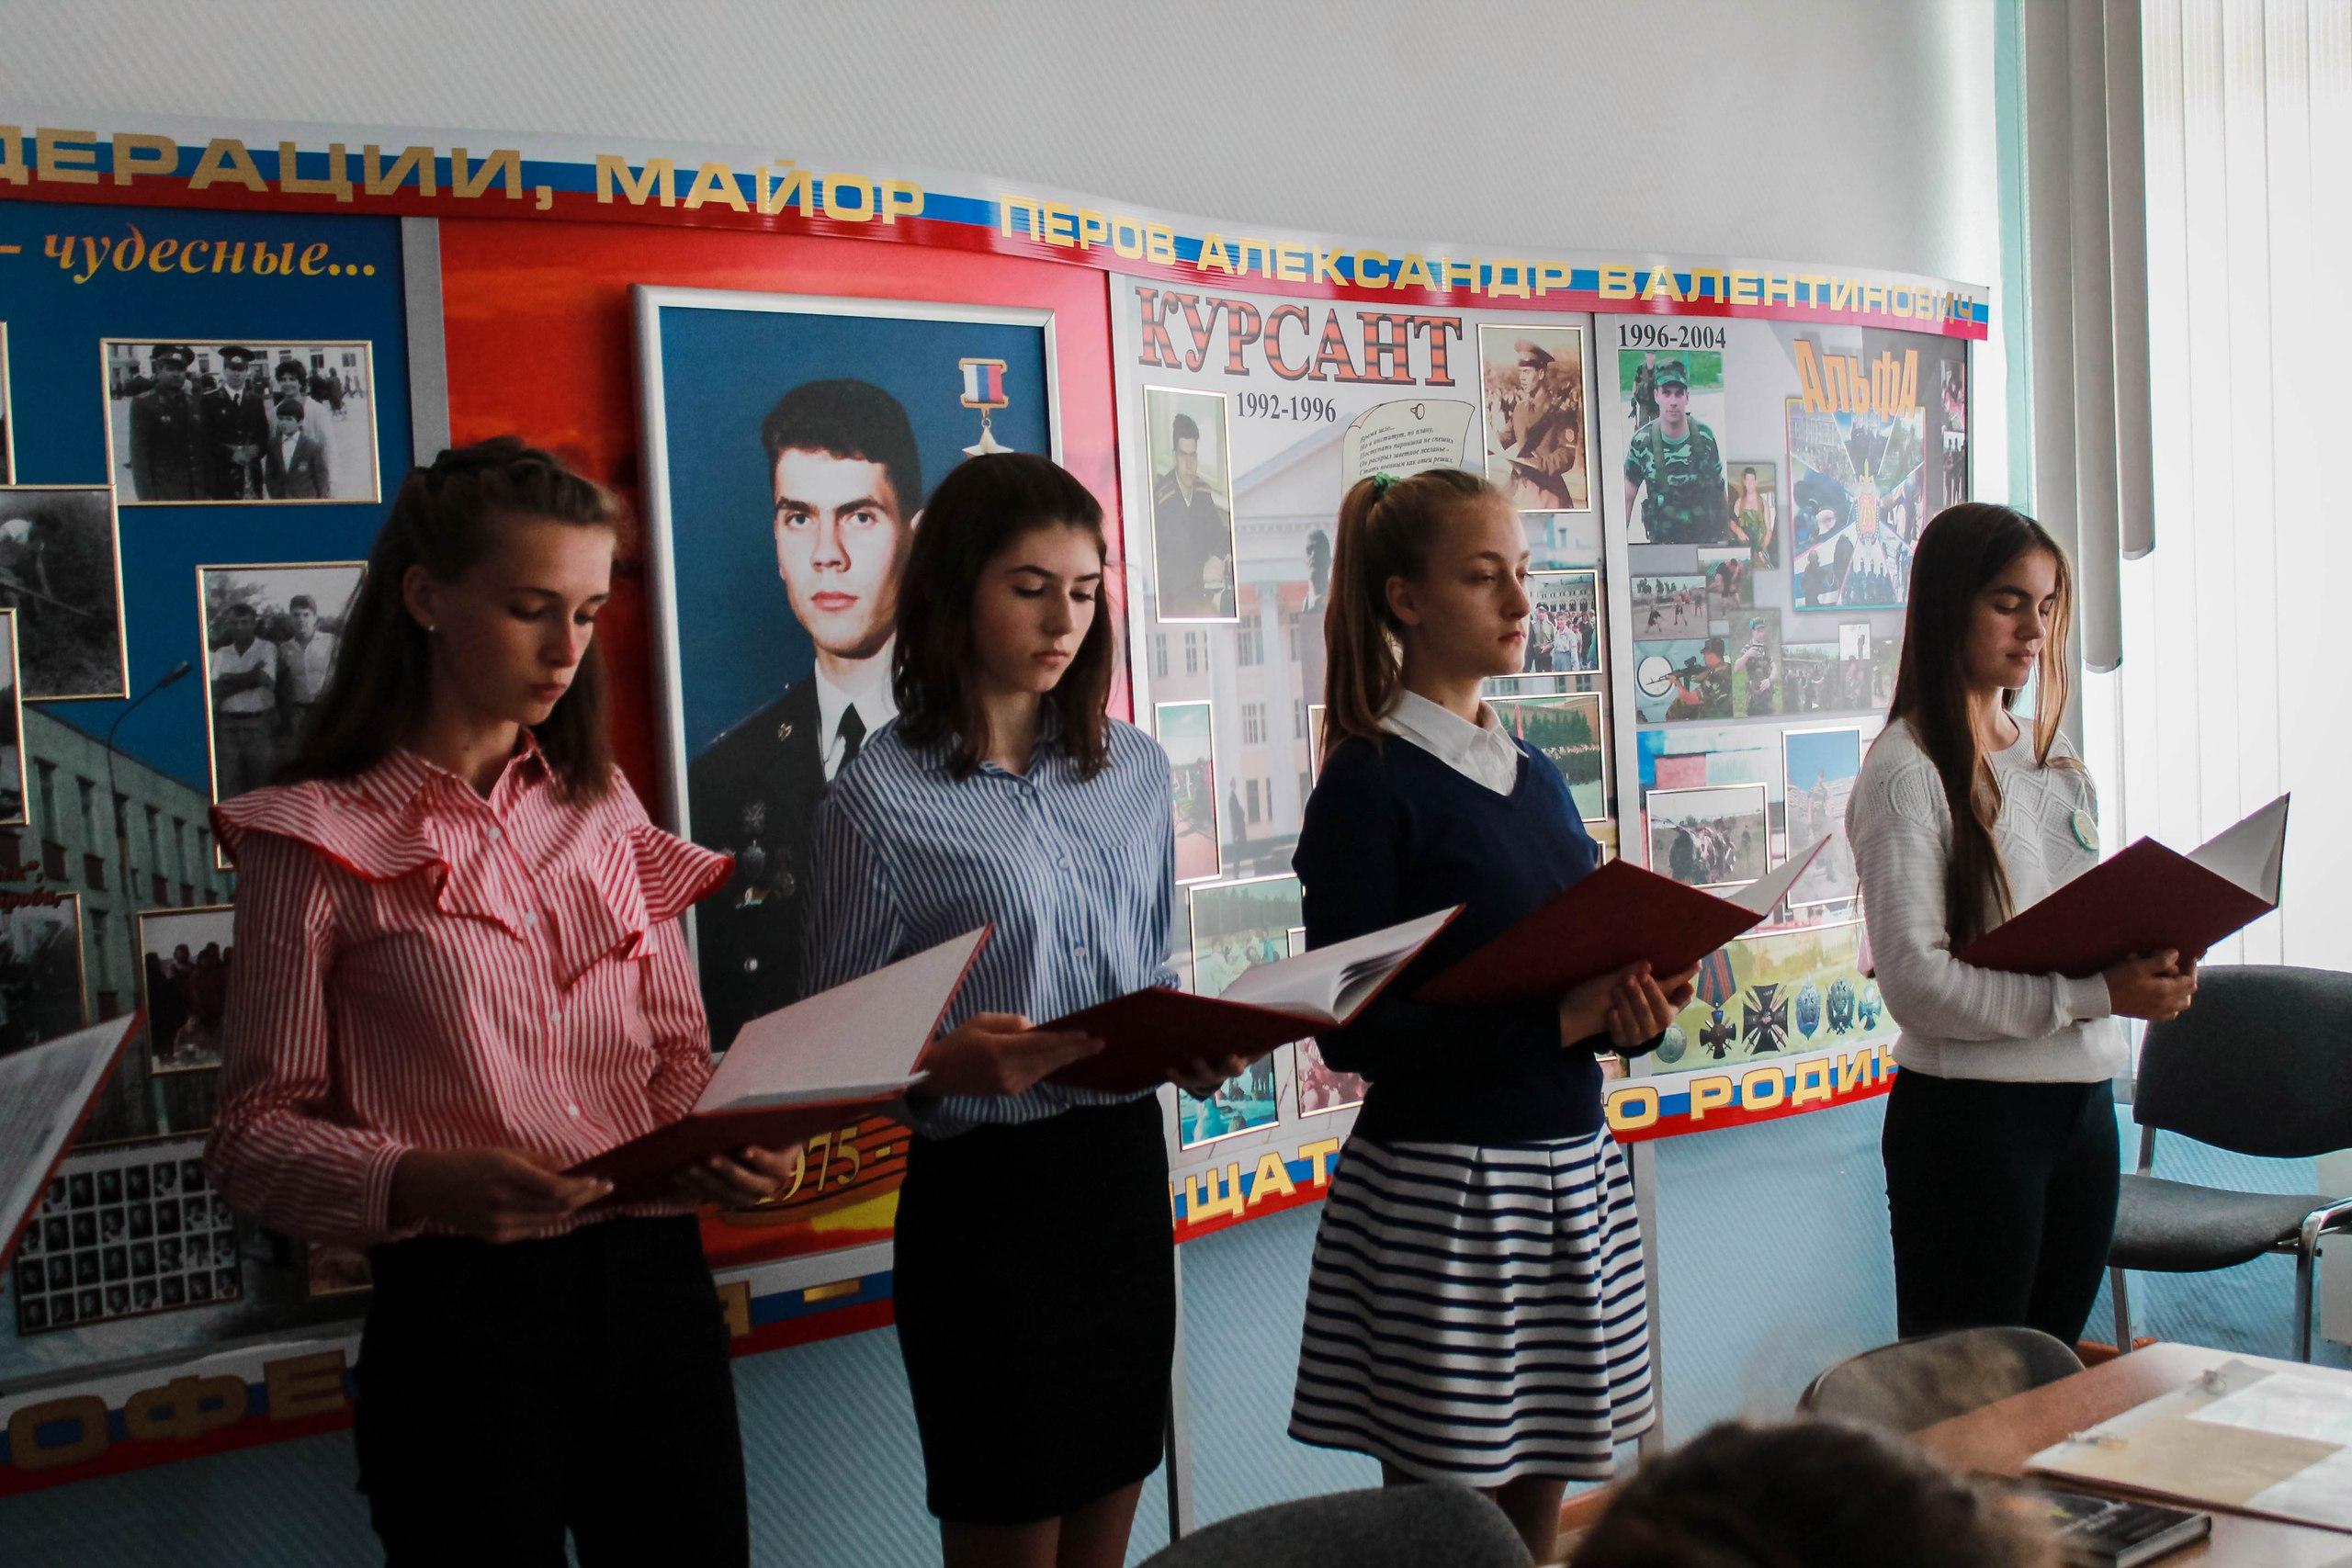 День солидарности в школе №937